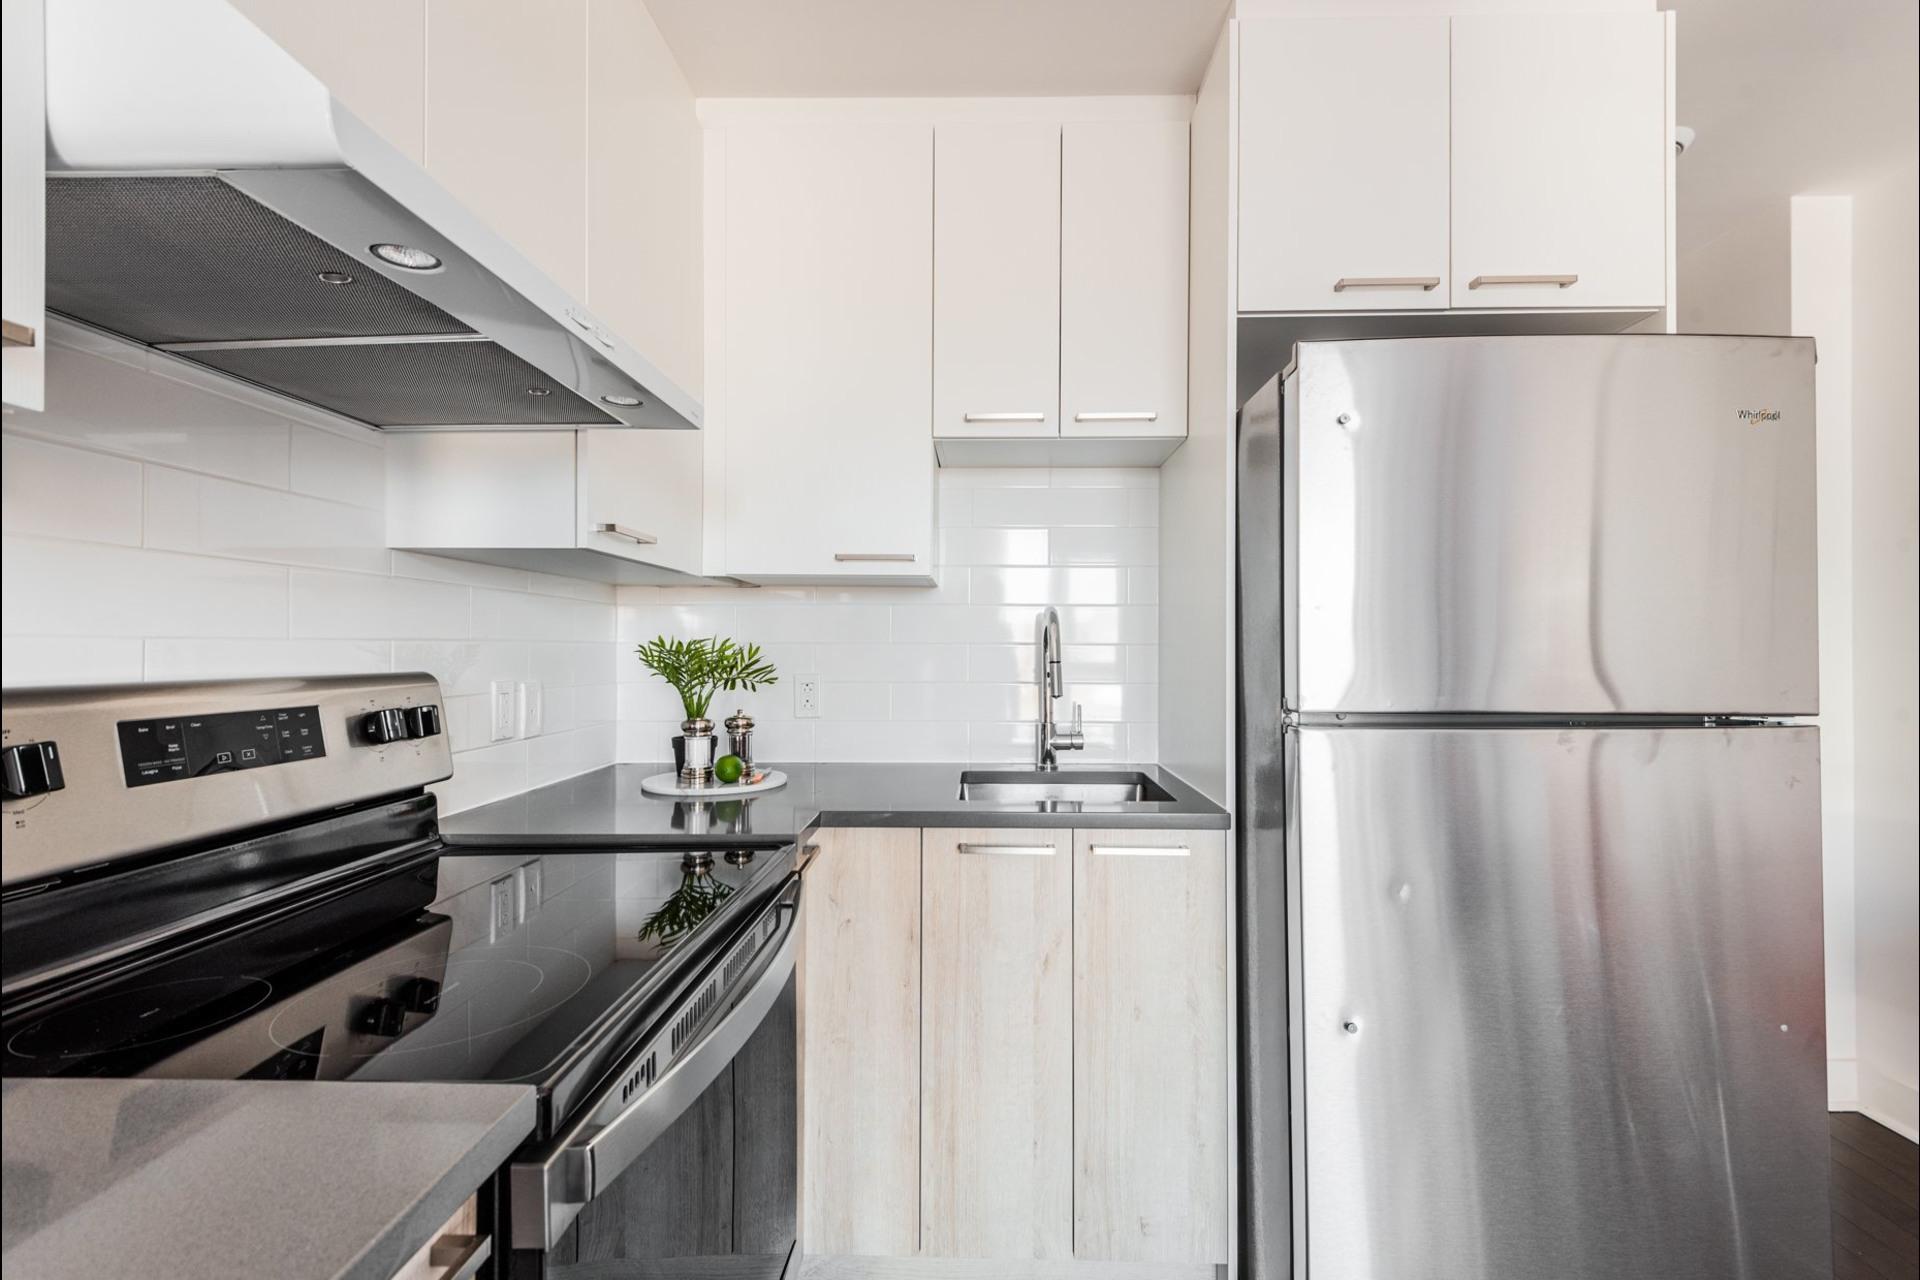 image 9 - Apartment For sale Villeray/Saint-Michel/Parc-Extension Montréal  - 3 rooms